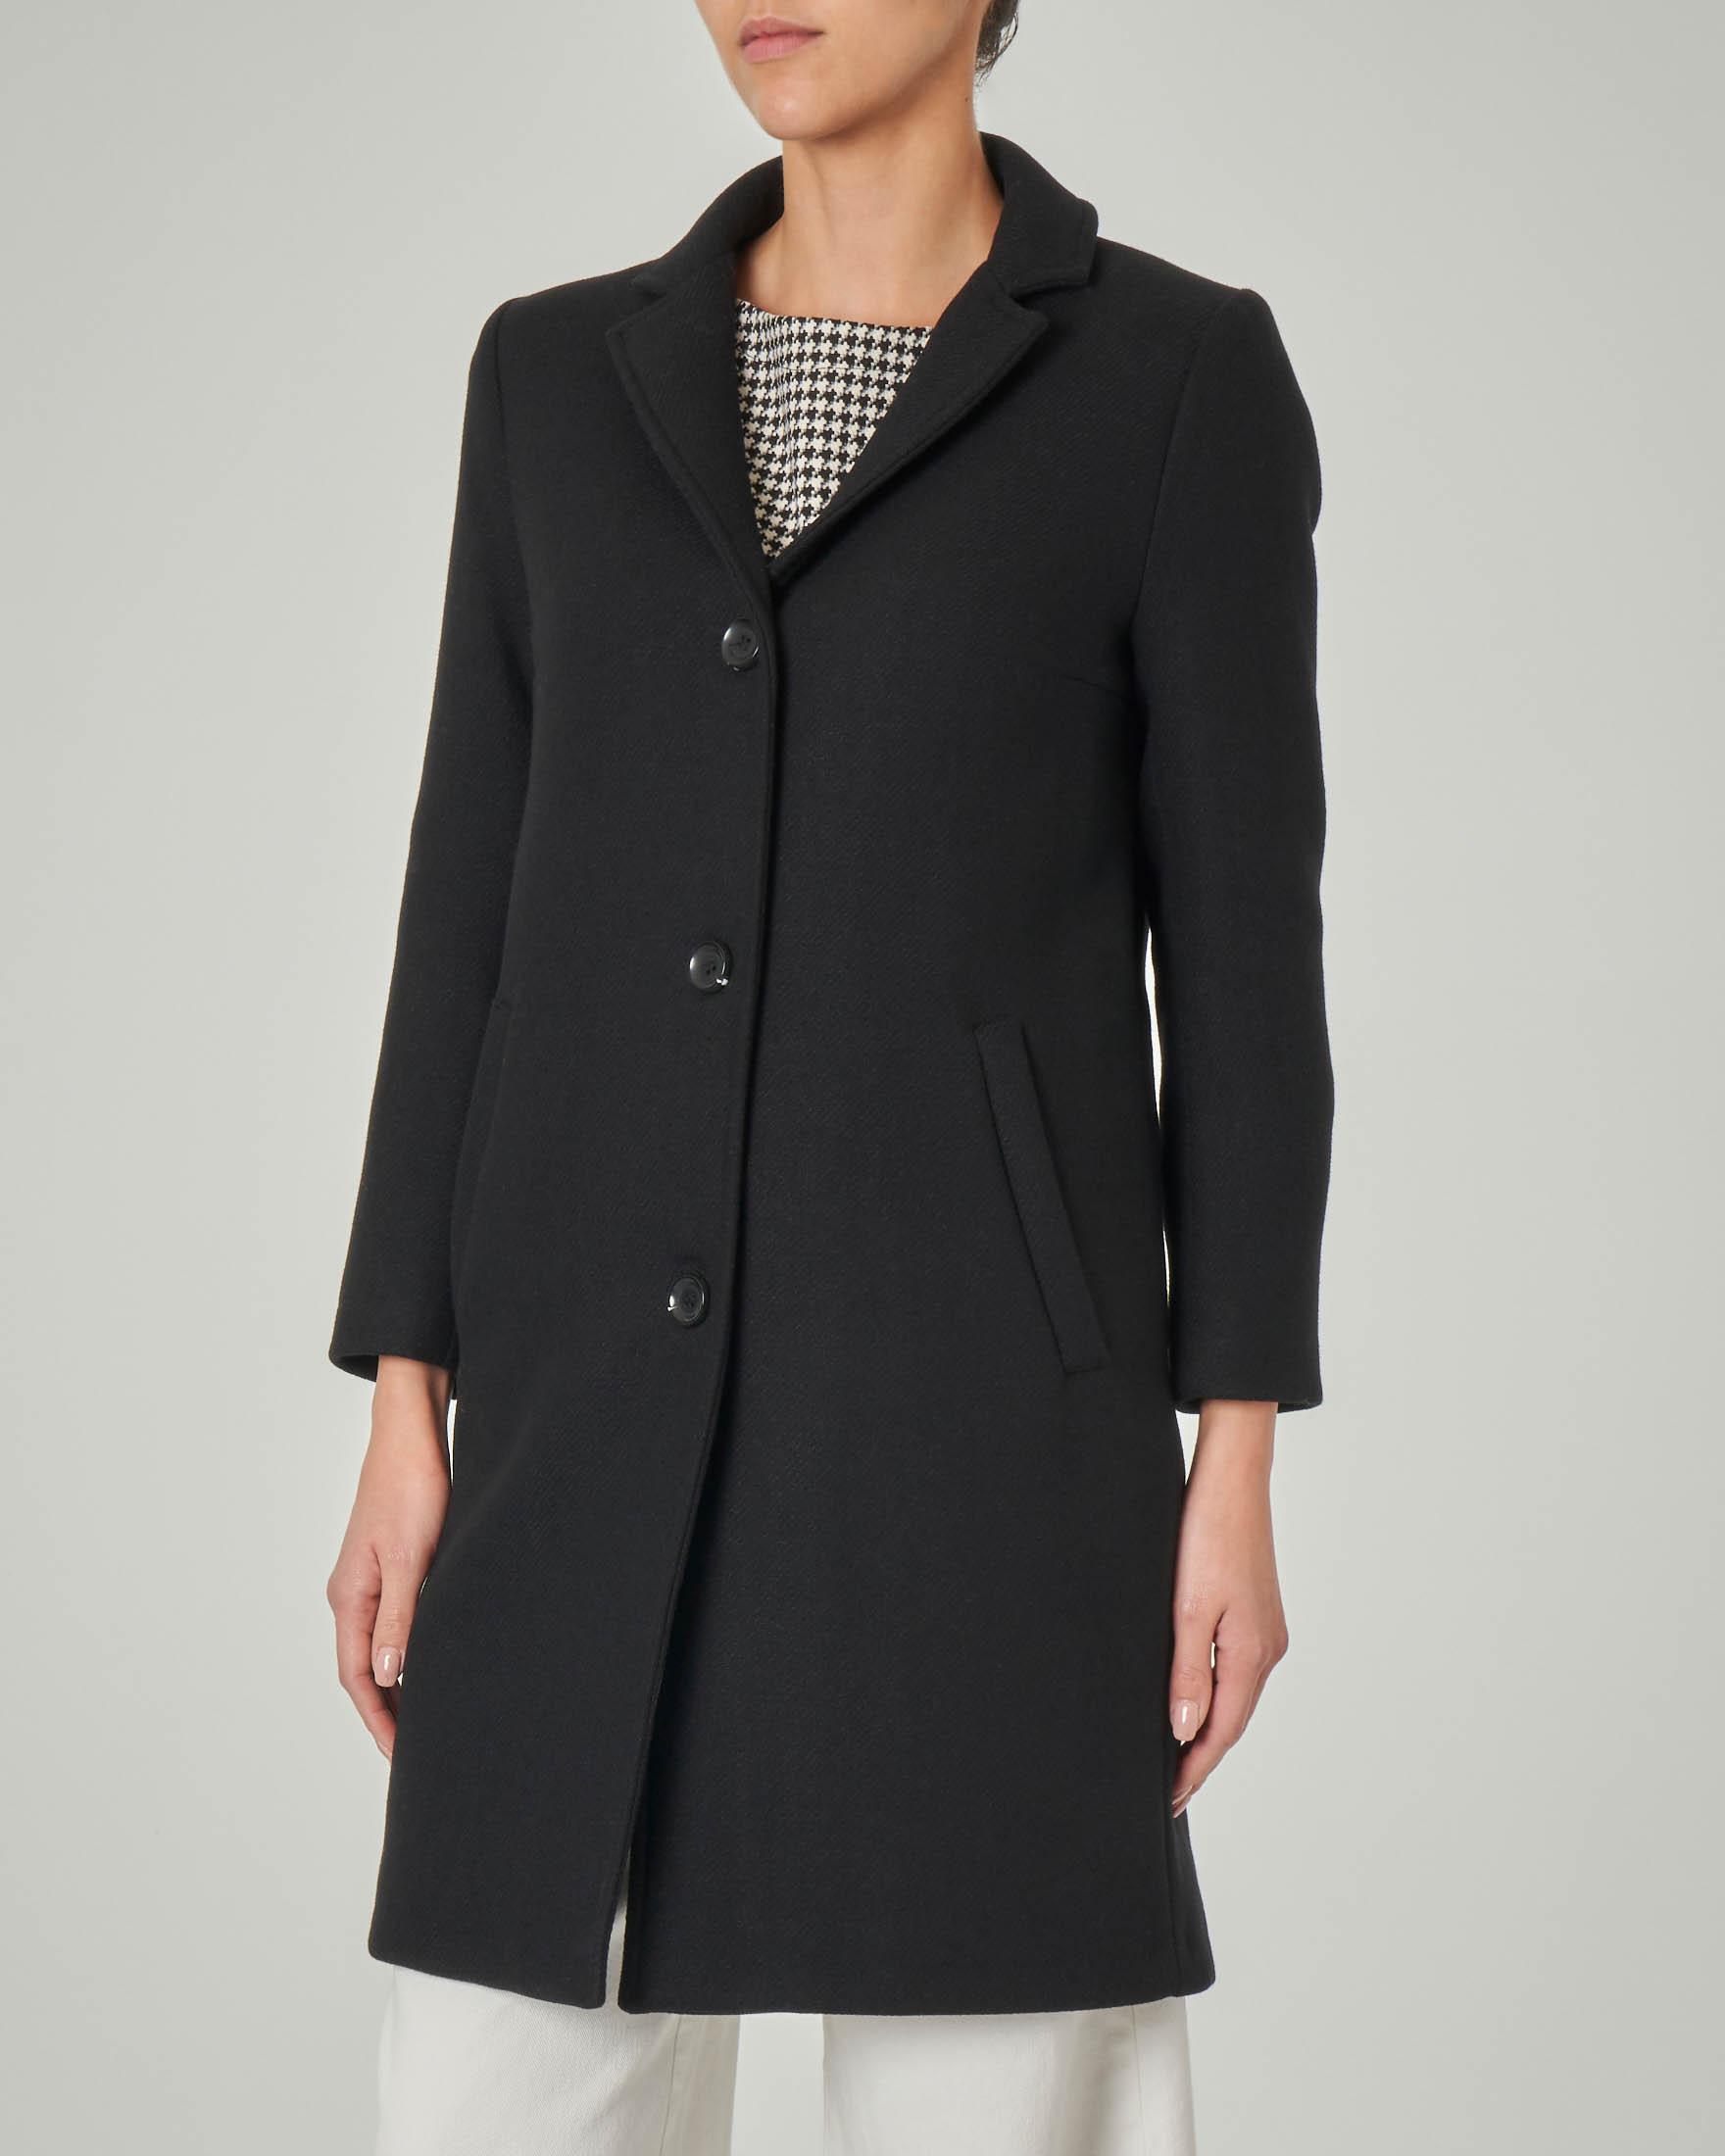 Cappottino in misto lana nero con collo a rever